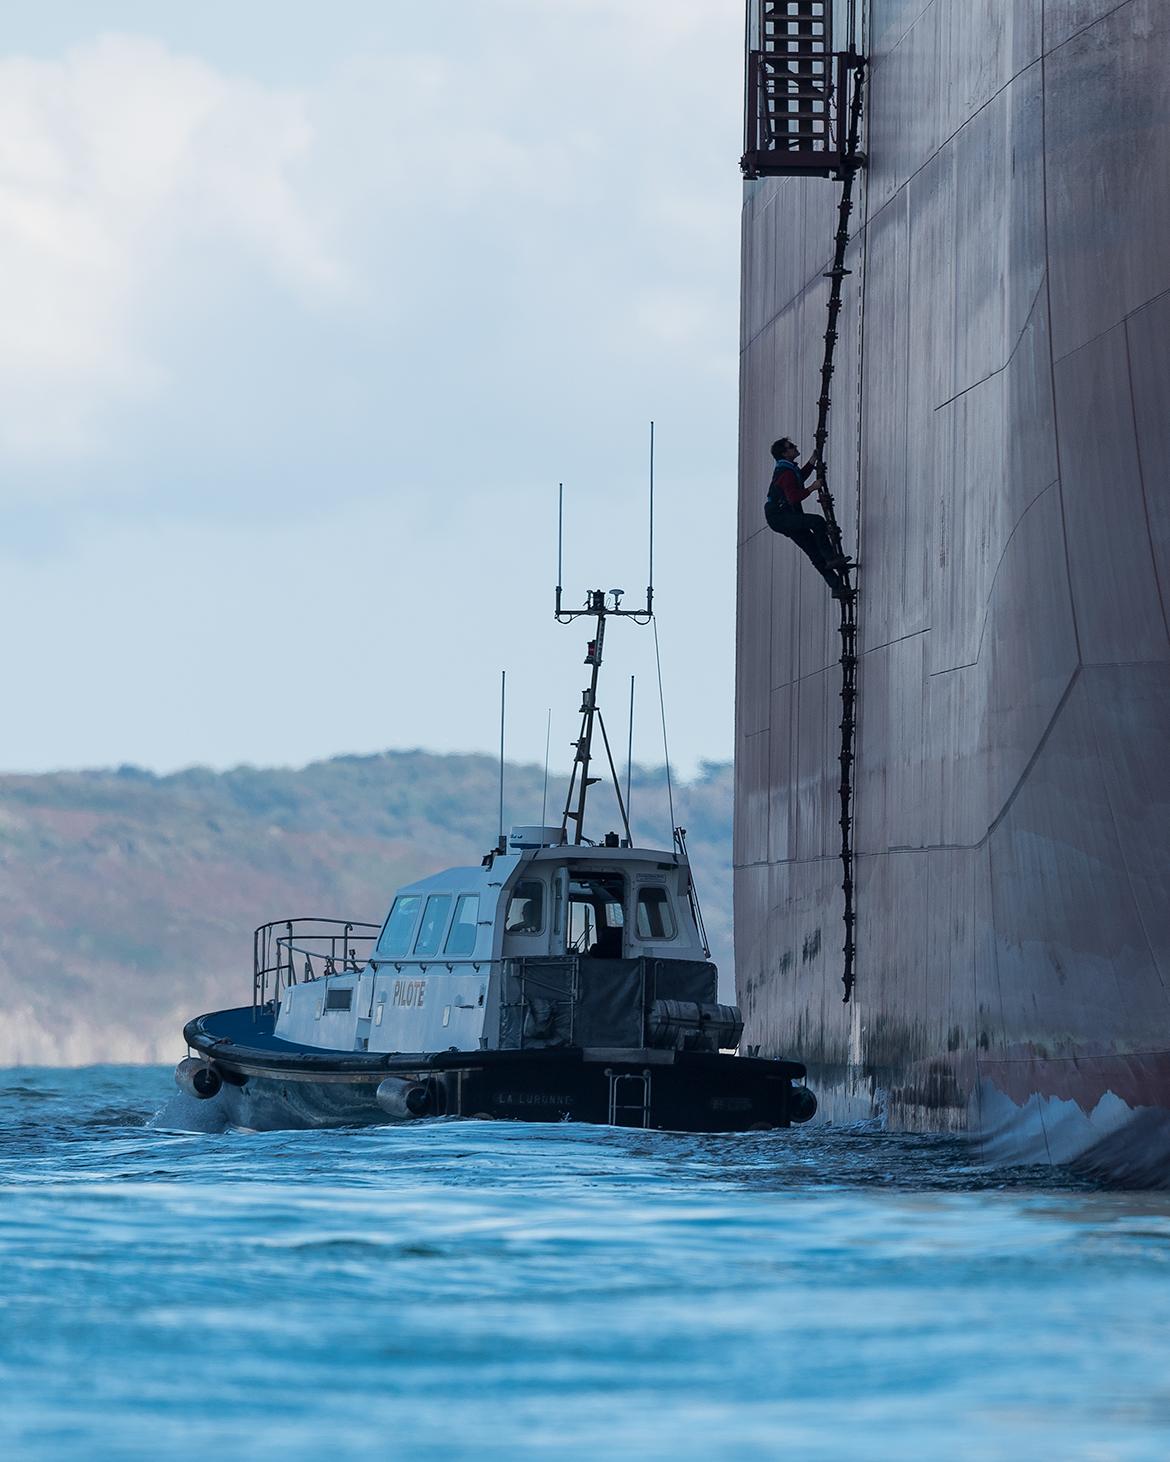 Photographie Brest - Pilote de mer à bord